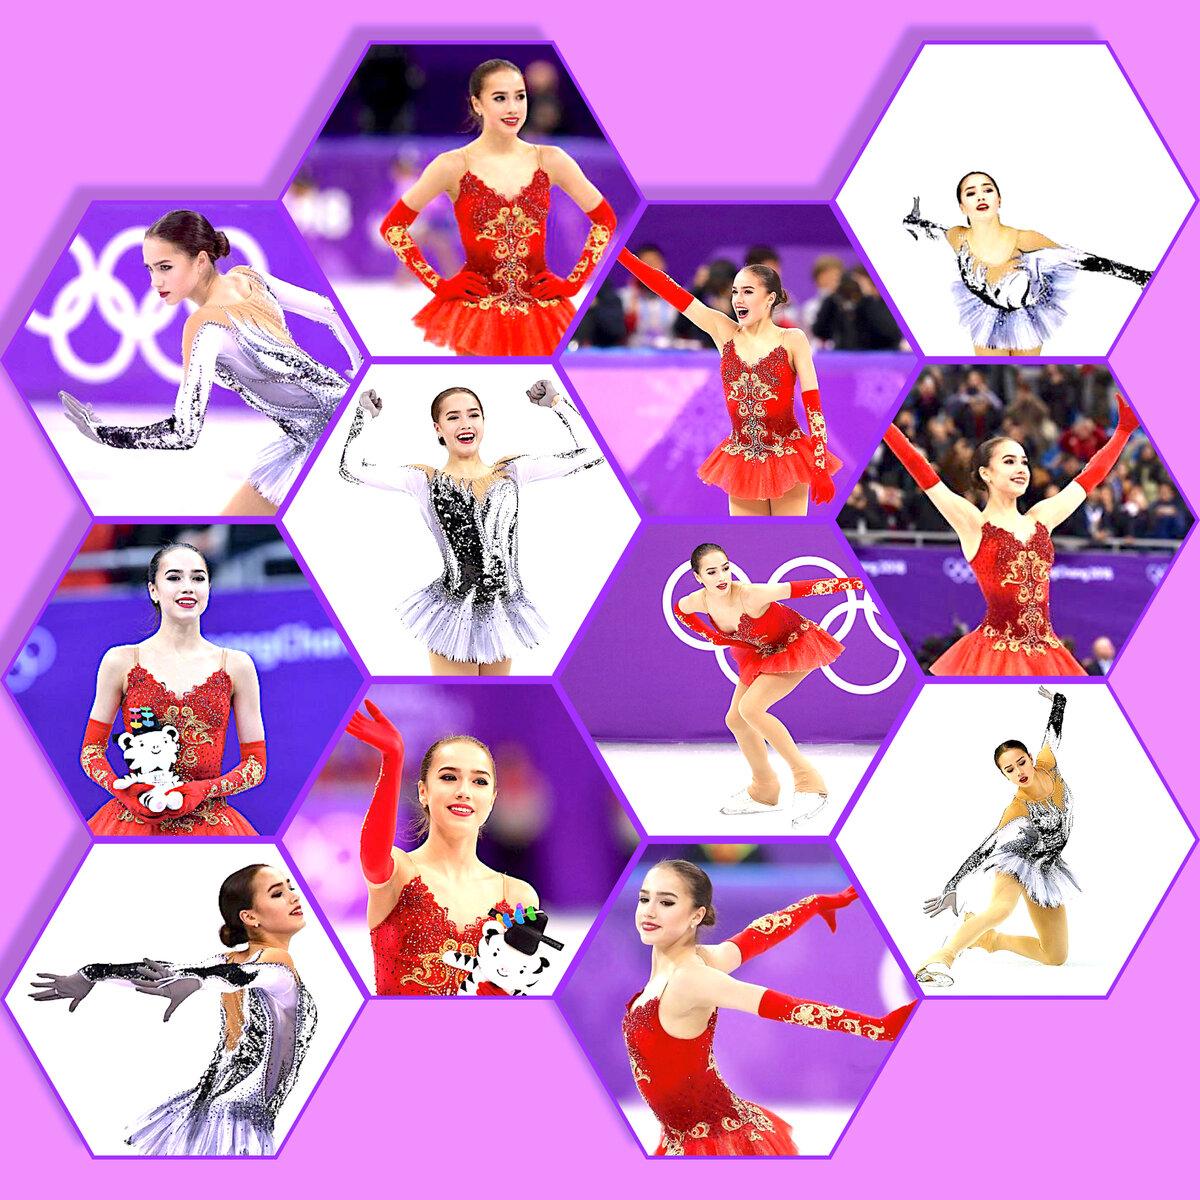 Лебедь + Китри = Олимпийская чемпионка Алина Загитова